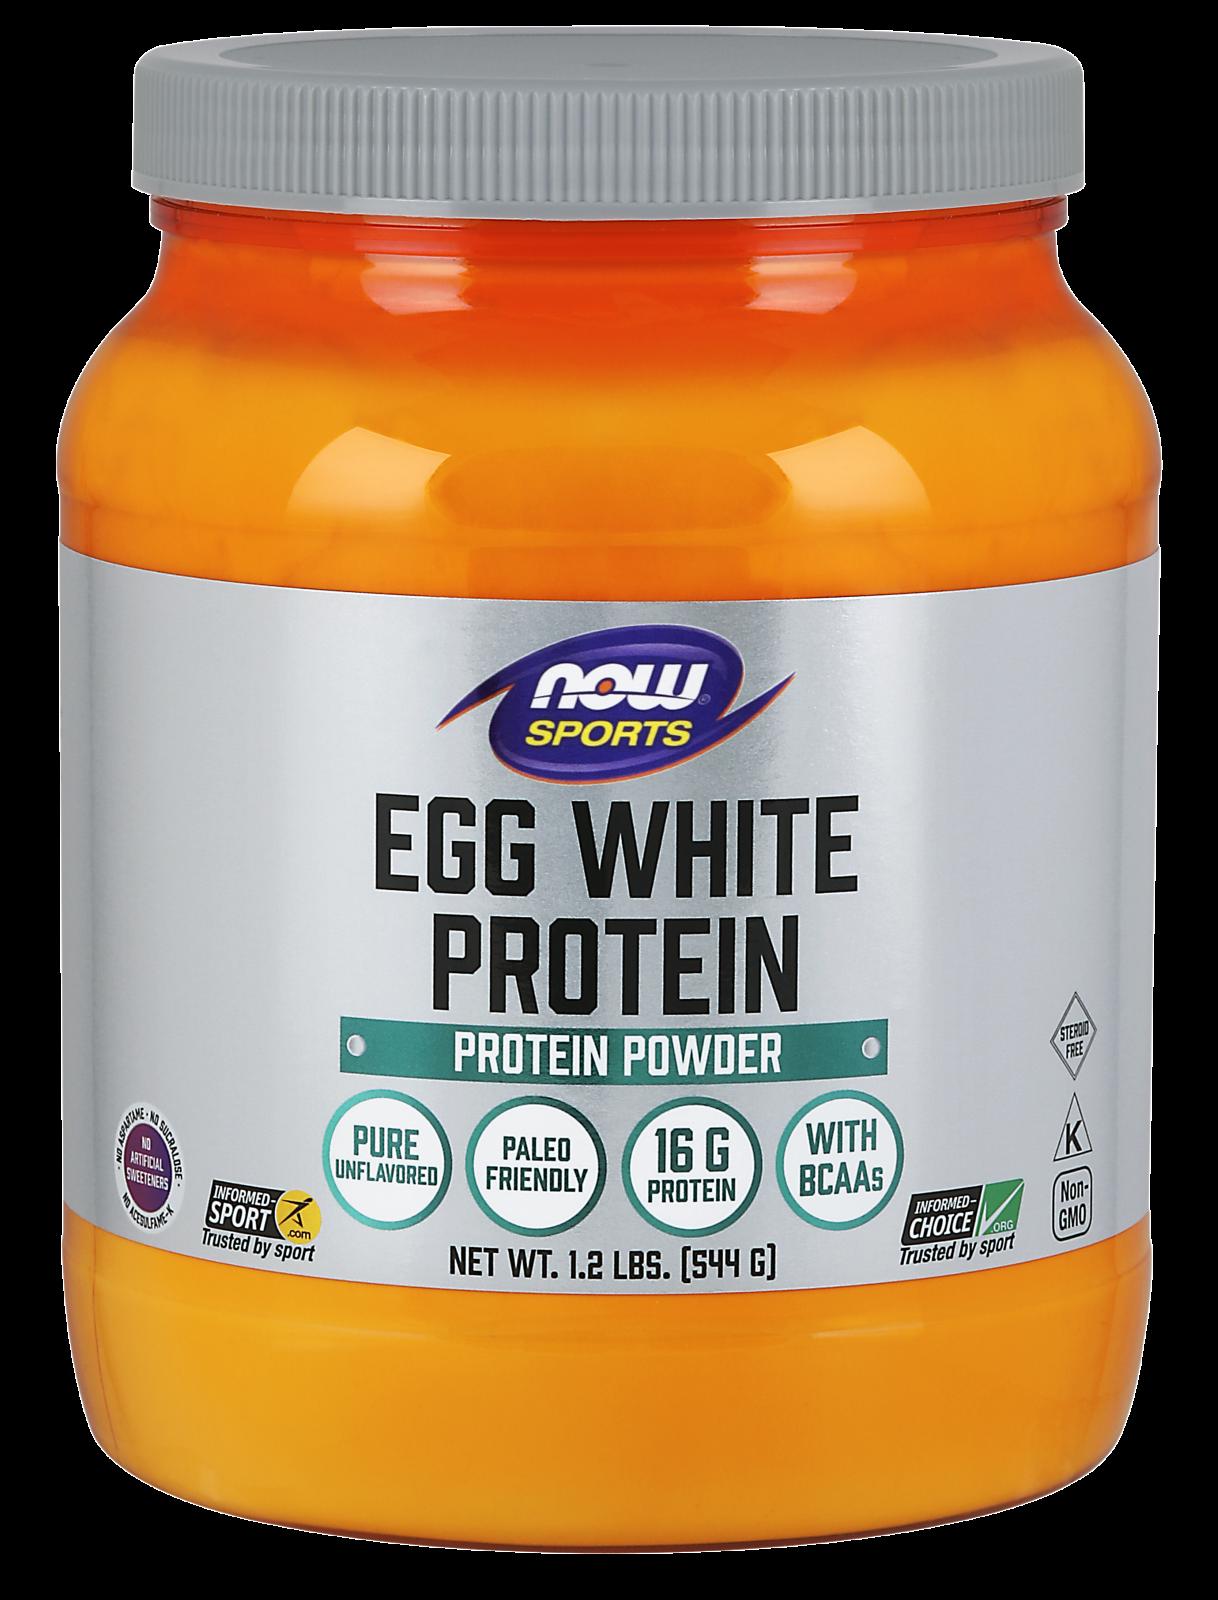 Egg White Protein Powder - 1.2 lb.